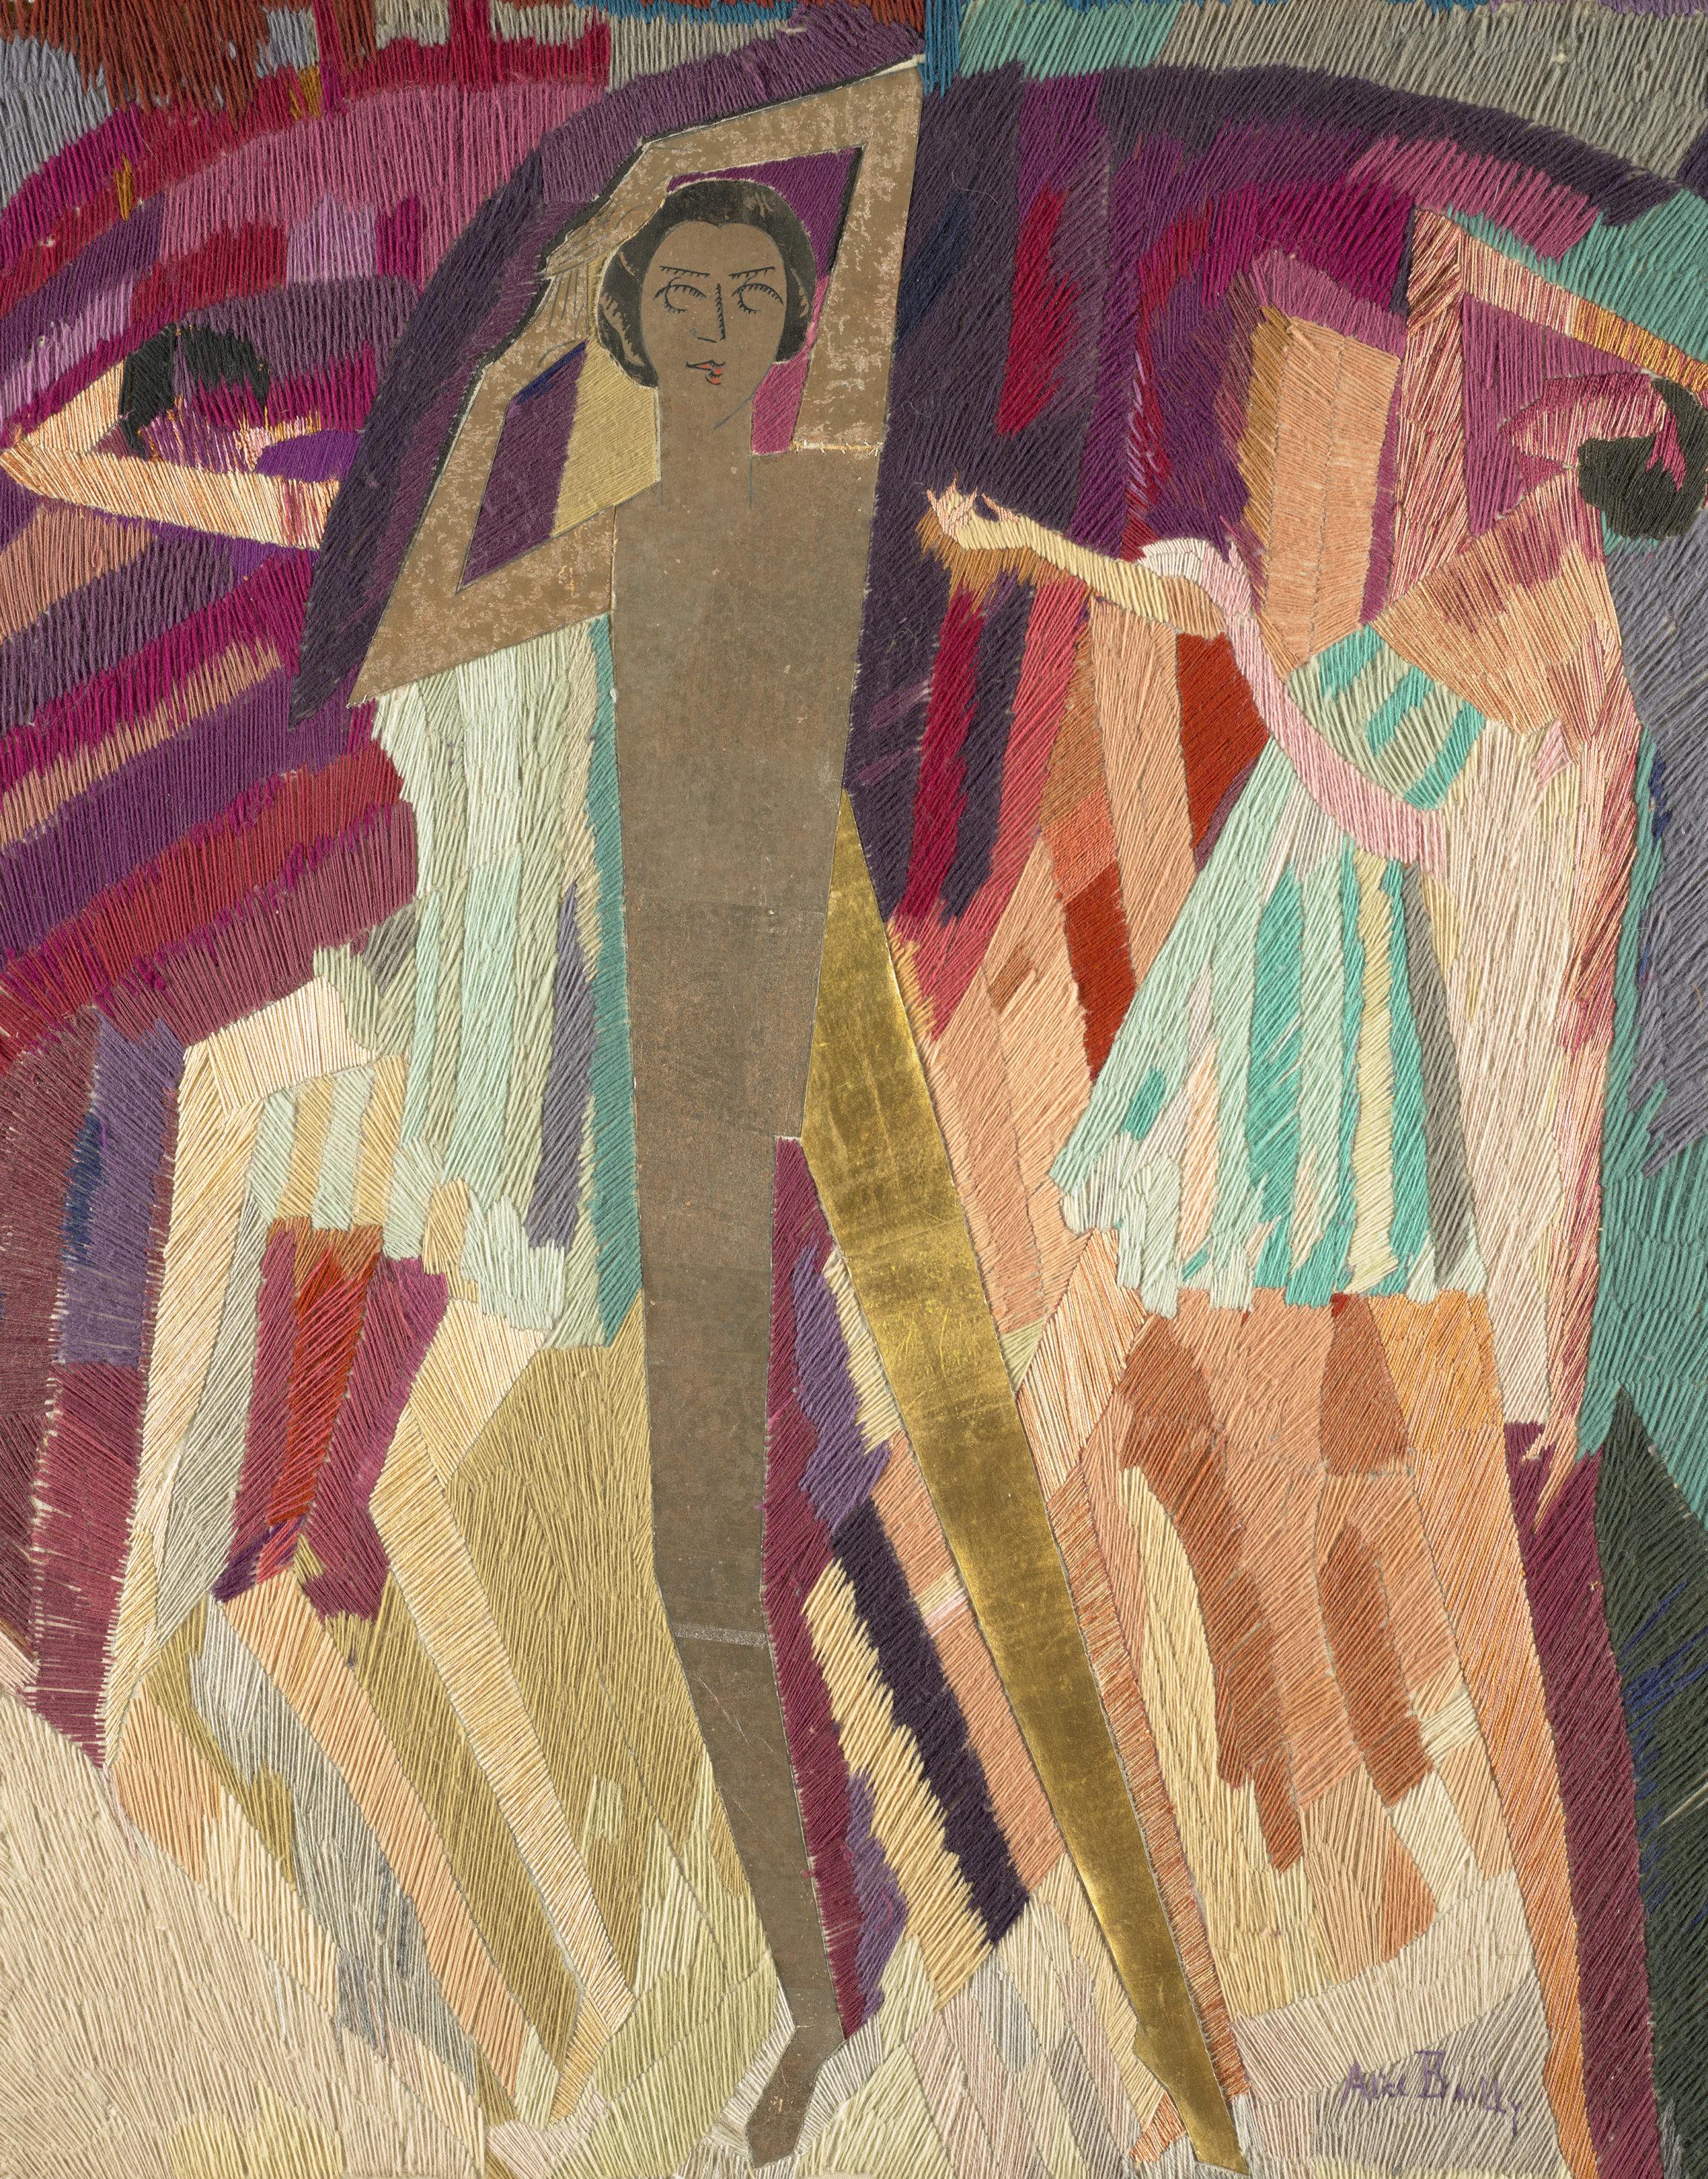 Alice Bailly, Les rythmiciennes, 1918-1919